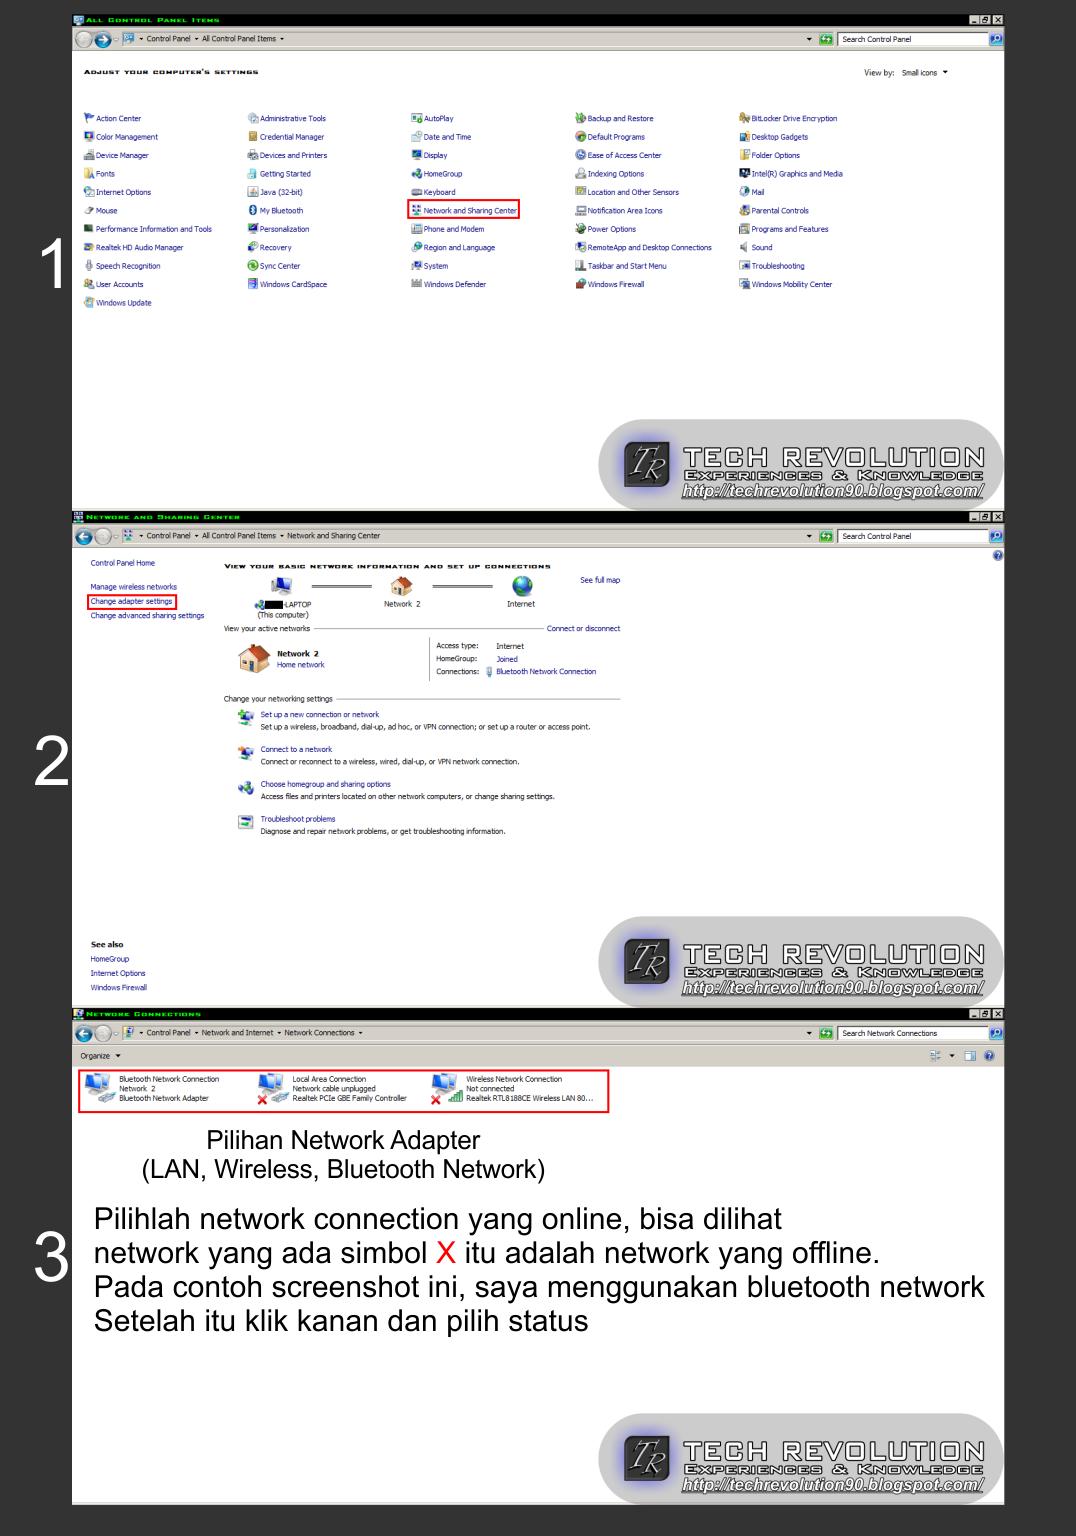 Cara Membuka Website yang Terblokir ~ Tempat Kursus